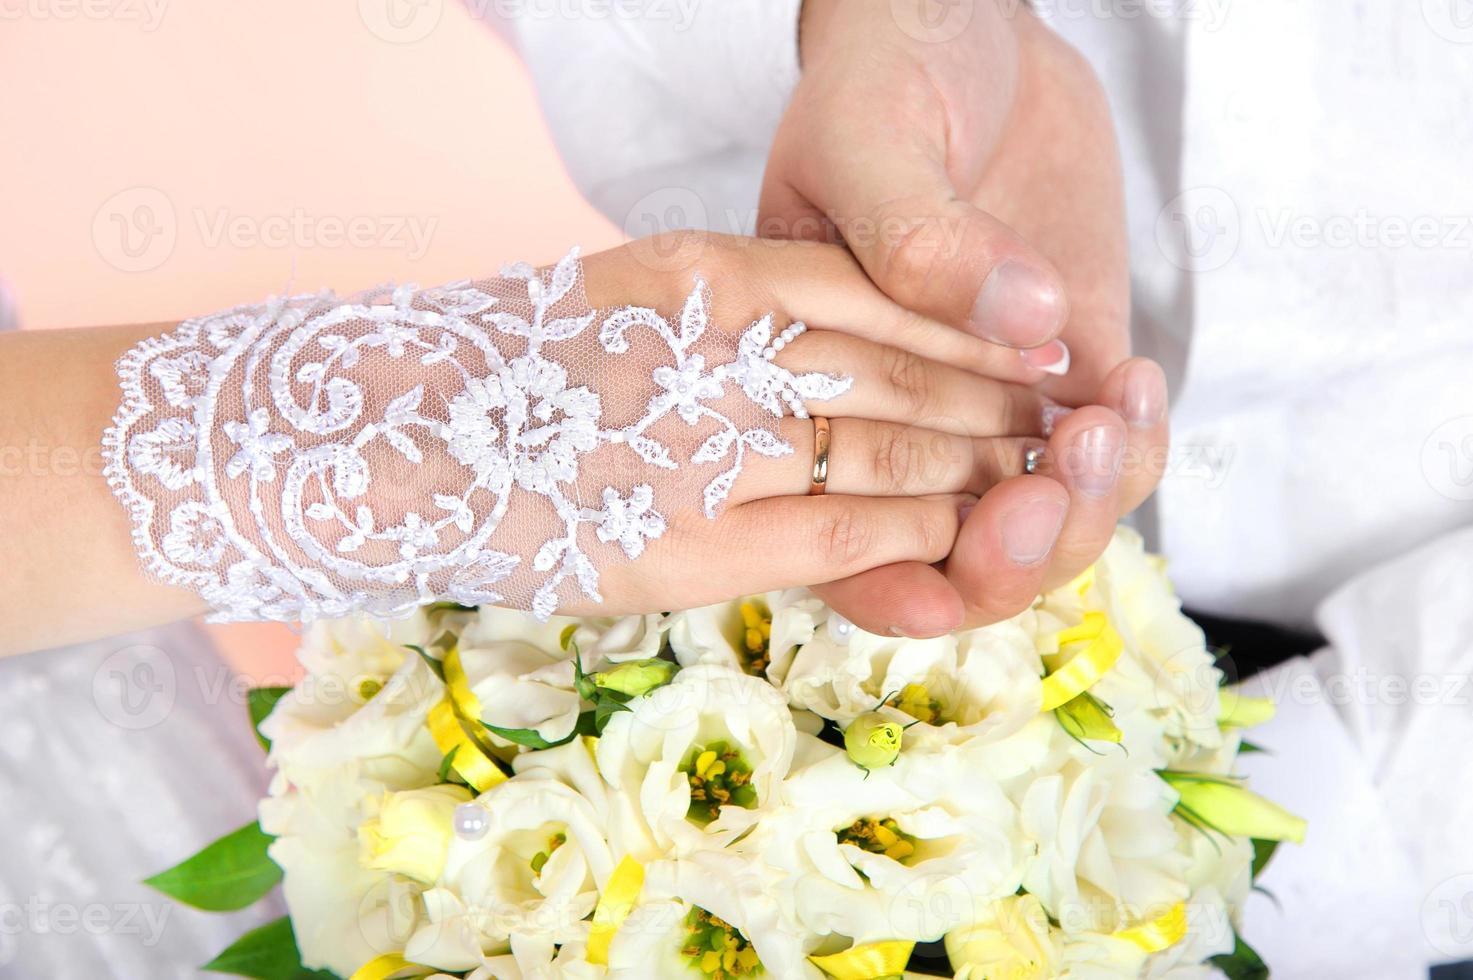 die Braut und Bräutigam Hände Nahaufnahme foto